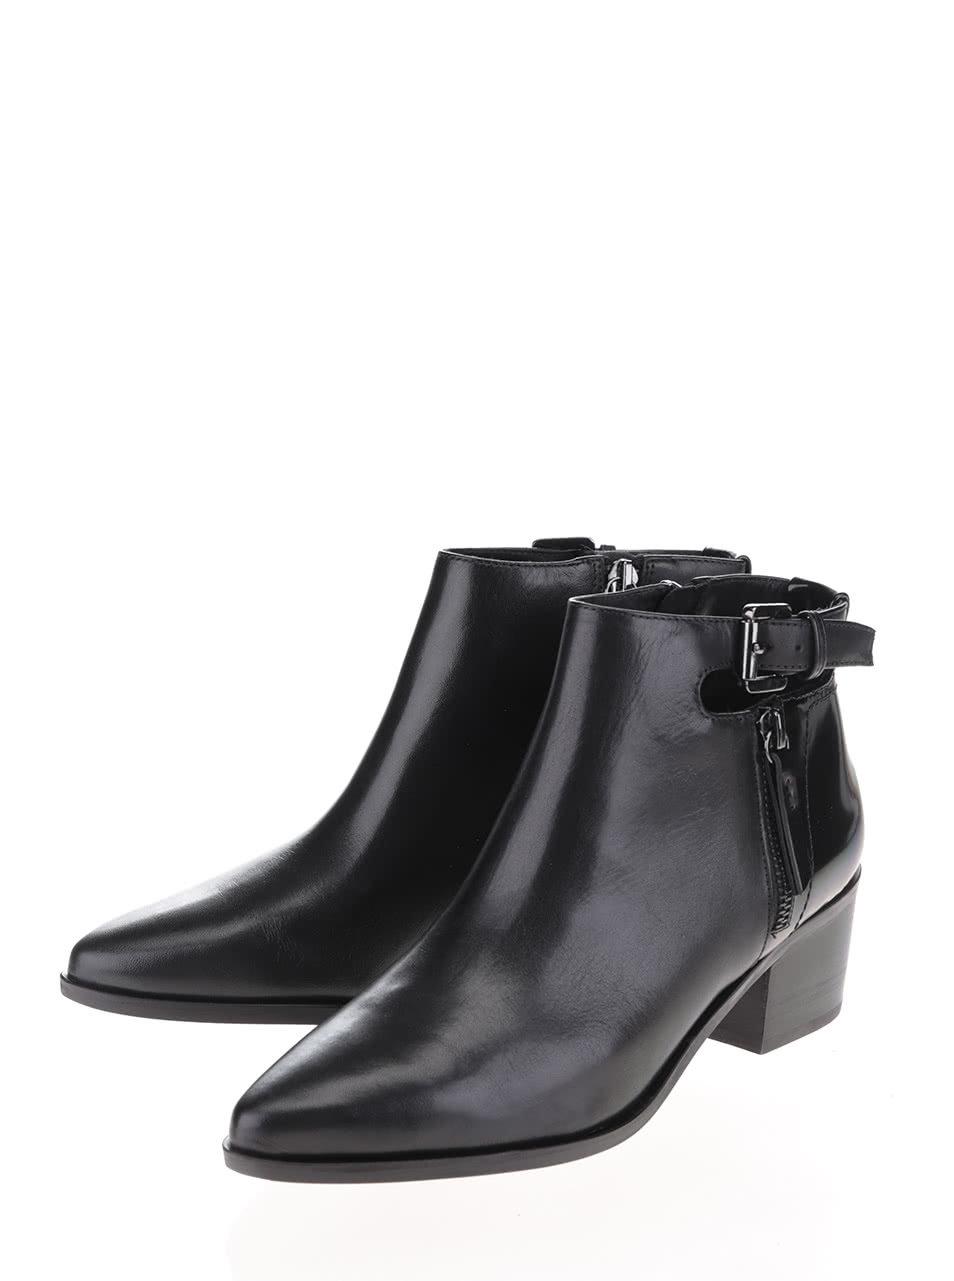 1665f0d3a76 Černé kožené kotníkové boty na podpatku s detaily Geox Lia ...